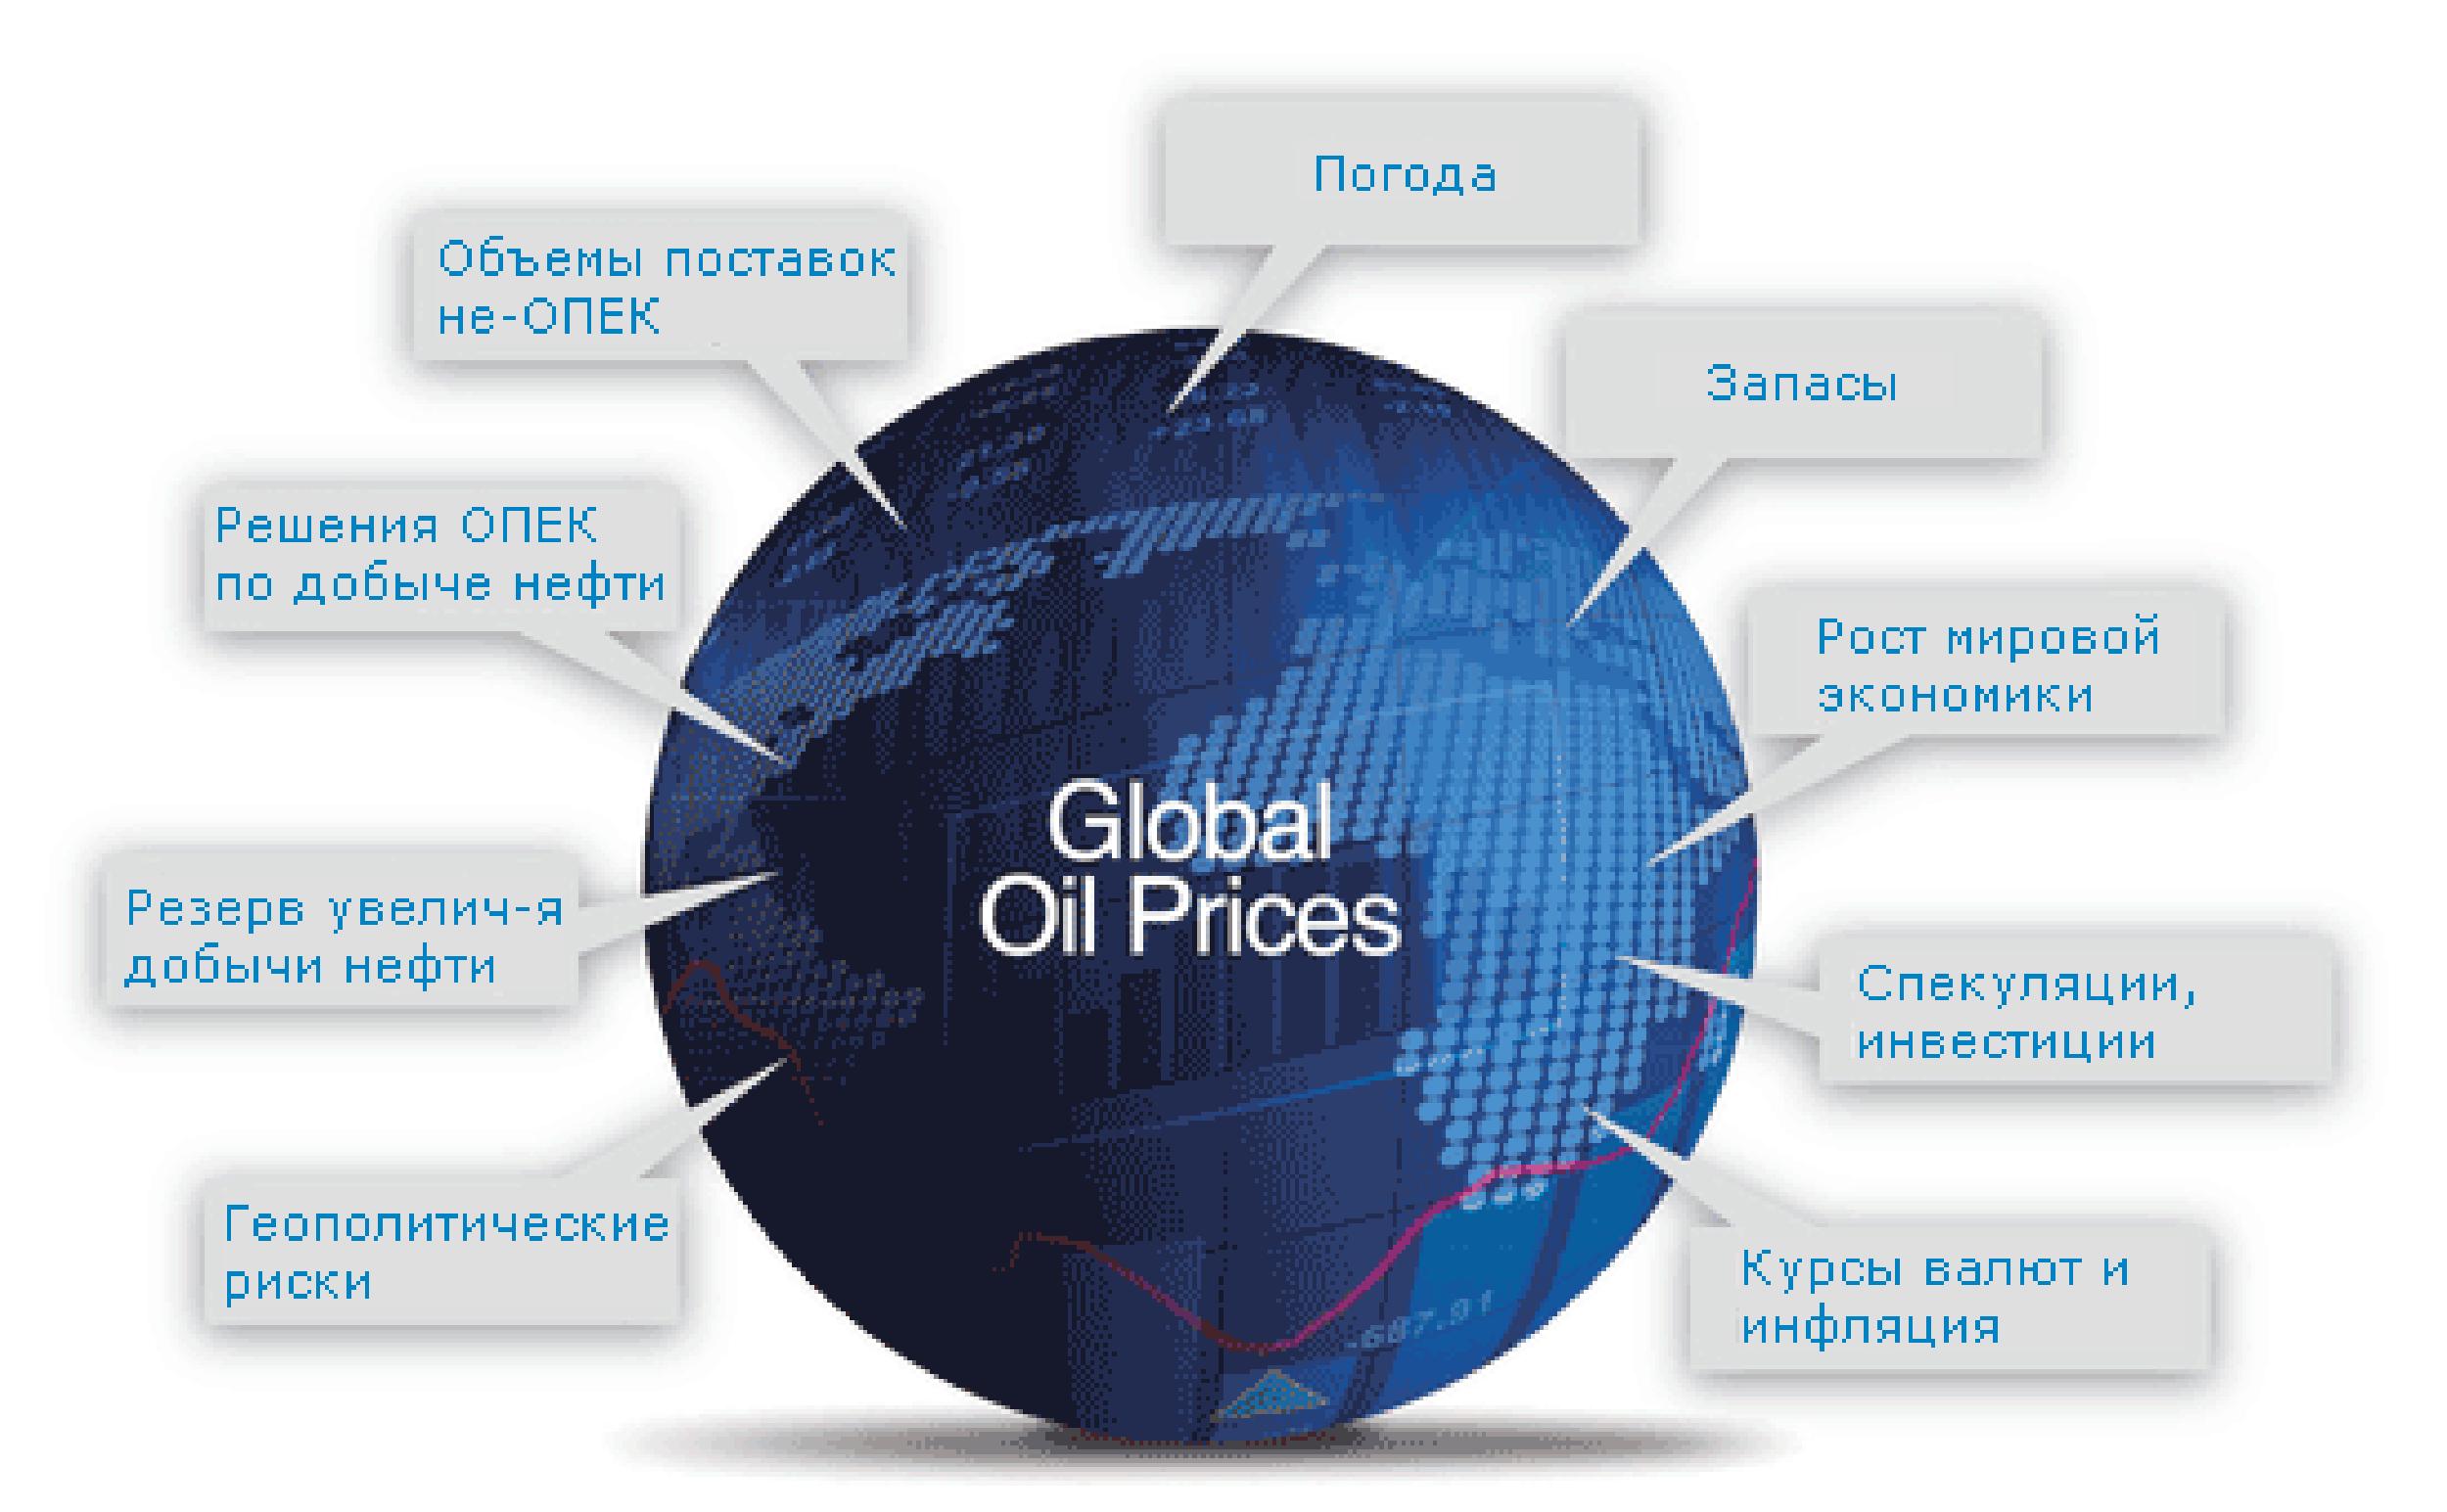 Факторы, влияющие на стоимость нефти